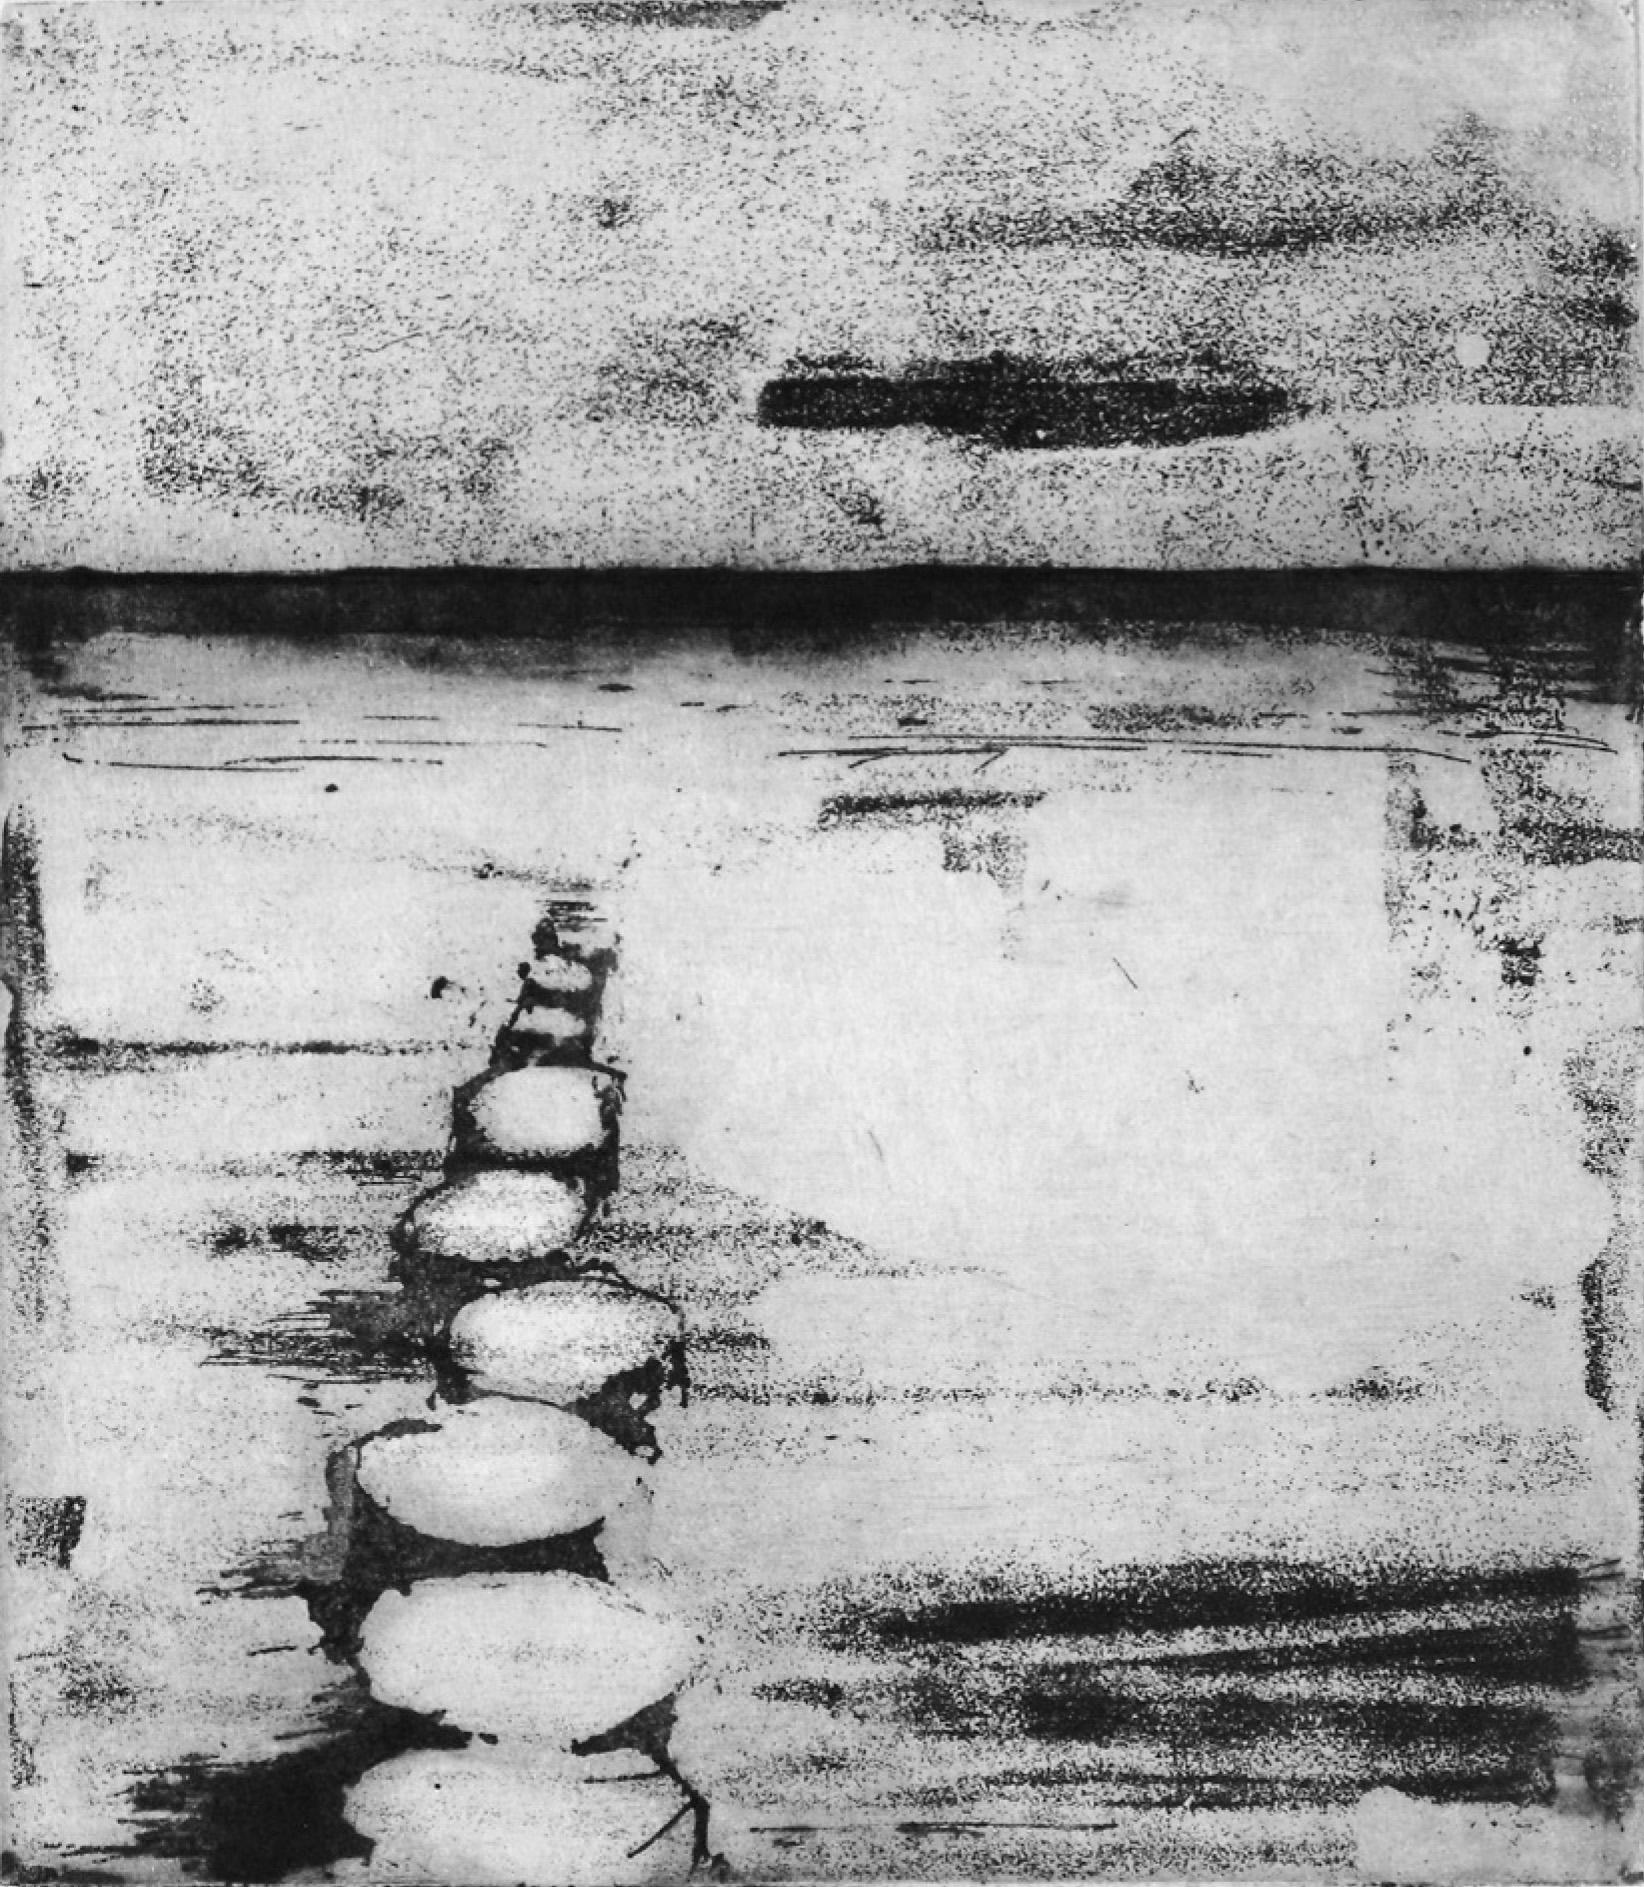 14 | Rita Geissler | Buhnen | 2014 | Aquatinta | 24,5 x 22 cm | Kunstlotterie